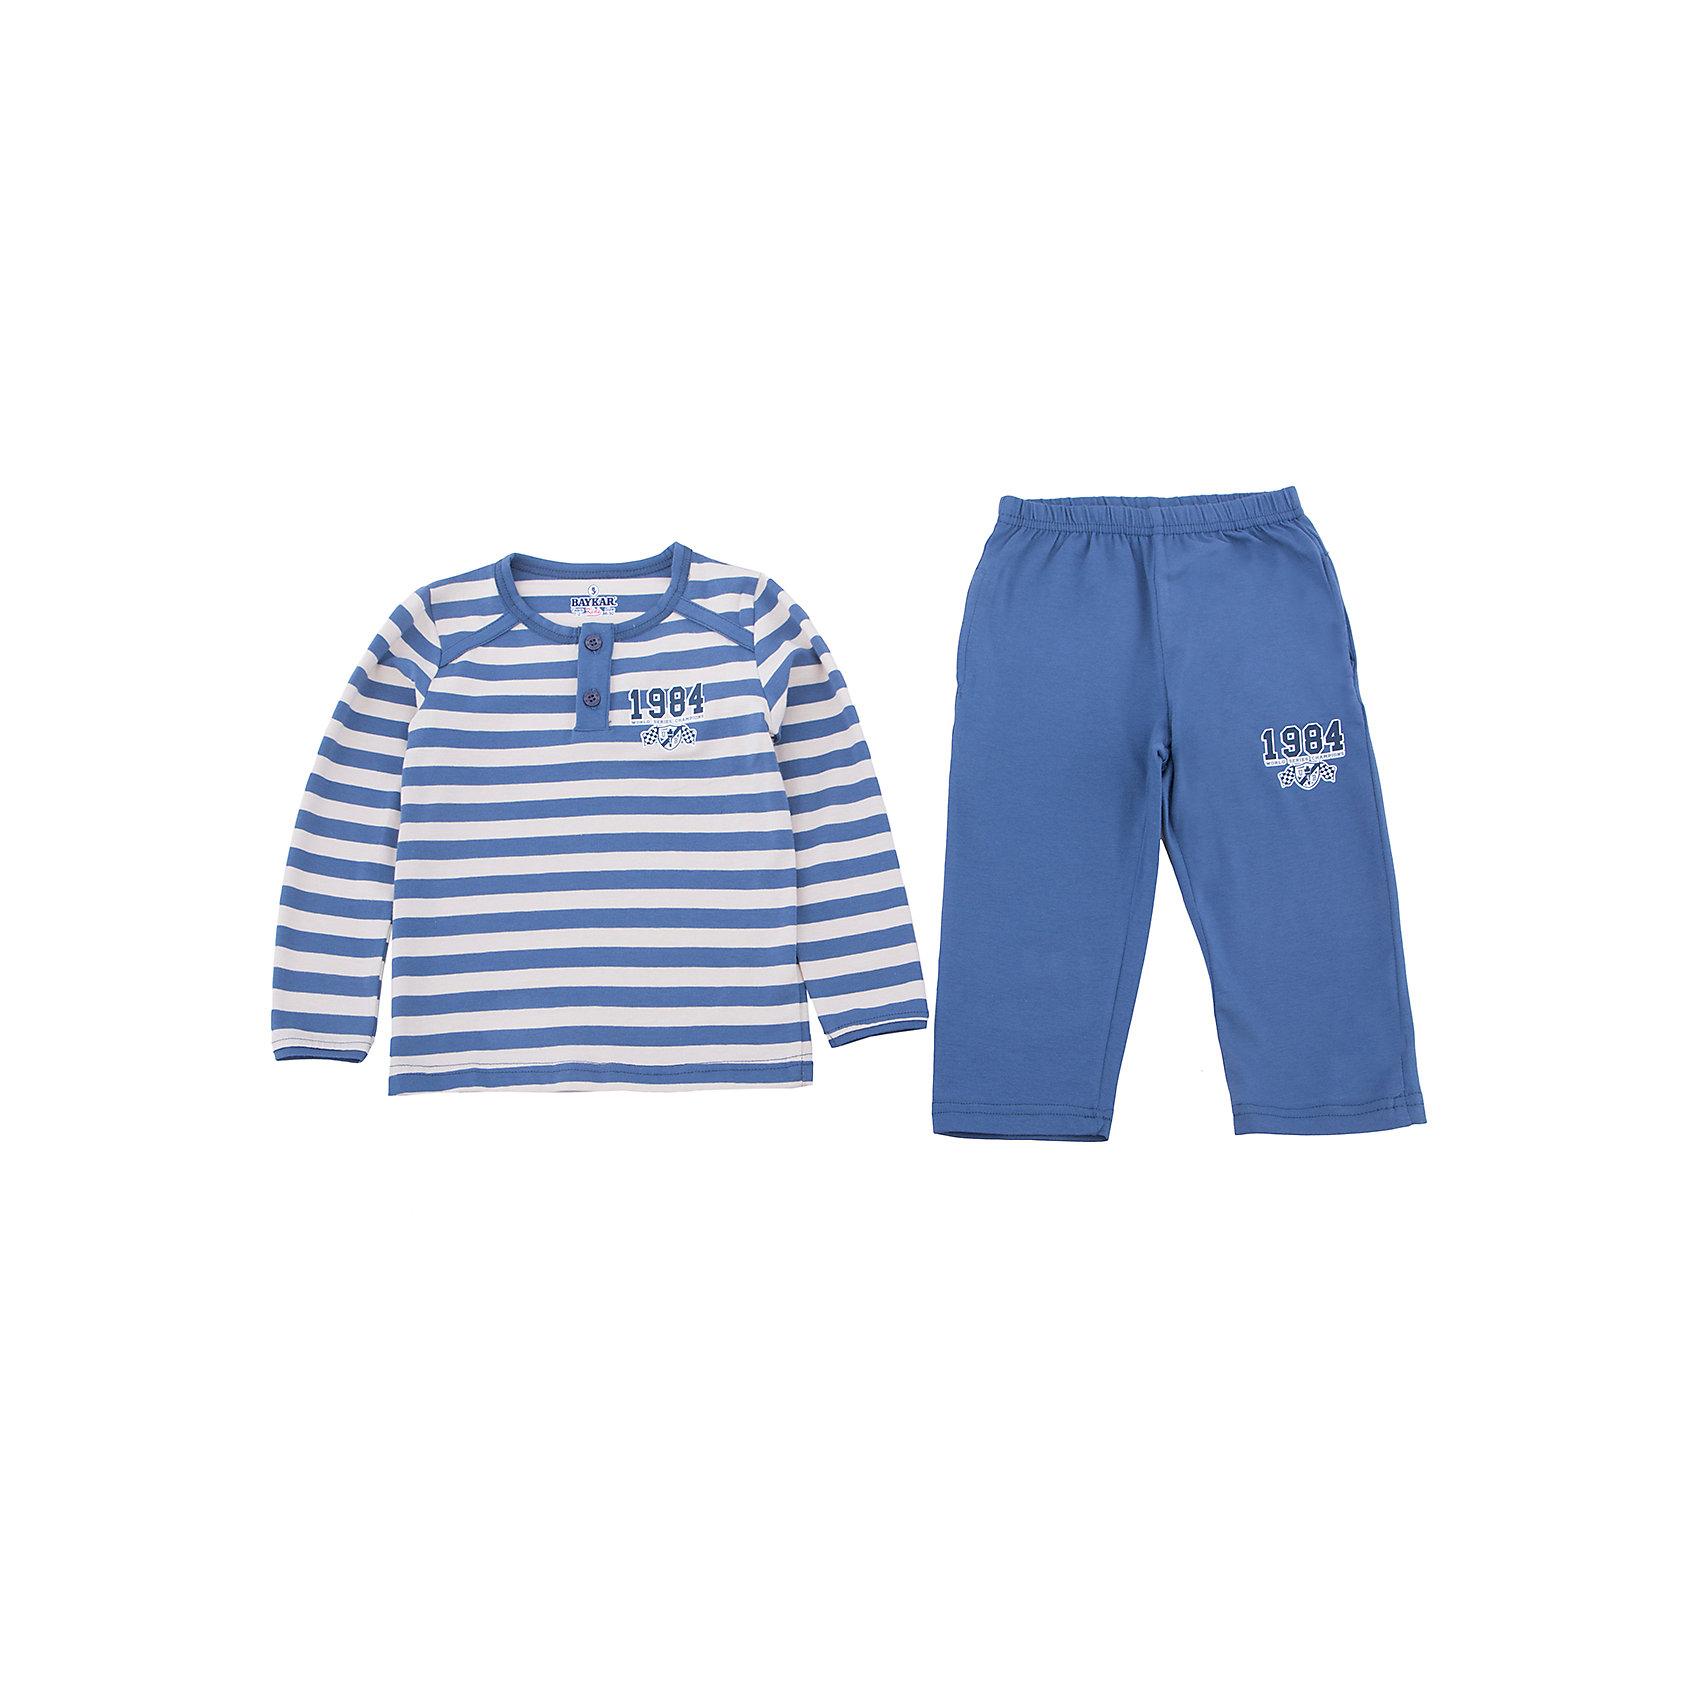 Пижама для мальчика BaykarПижамы и сорочки<br>Характеристики товара:<br><br>• цвет: синий<br>• состав ткани: 95% хлопок; 5% эластан<br>• комплектация: кофта, брюки<br>• пояс брюк: резинка<br>• сезон: круглый год<br>• страна бренда: Турция<br>• страна изготовитель: Турция<br><br>Хорошо подобранная пижама для мальчика позволяет обеспечить комфортный сон. Пижама для мальчика Baykar украшена симпатичным принтом. <br><br>Этот комплект для сна из кофты и брюк сделан из мягкого дышащего материала. Продуманный крой обеспечивает комфортную посадку. <br><br>Пижаму для мальчика Baykar (Байкар) можно купить в нашем интернет-магазине.<br><br>Ширина мм: 281<br>Глубина мм: 70<br>Высота мм: 188<br>Вес г: 295<br>Цвет: синий<br>Возраст от месяцев: 24<br>Возраст до месяцев: 36<br>Пол: Мужской<br>Возраст: Детский<br>Размер: 92/98,80/92<br>SKU: 6764937